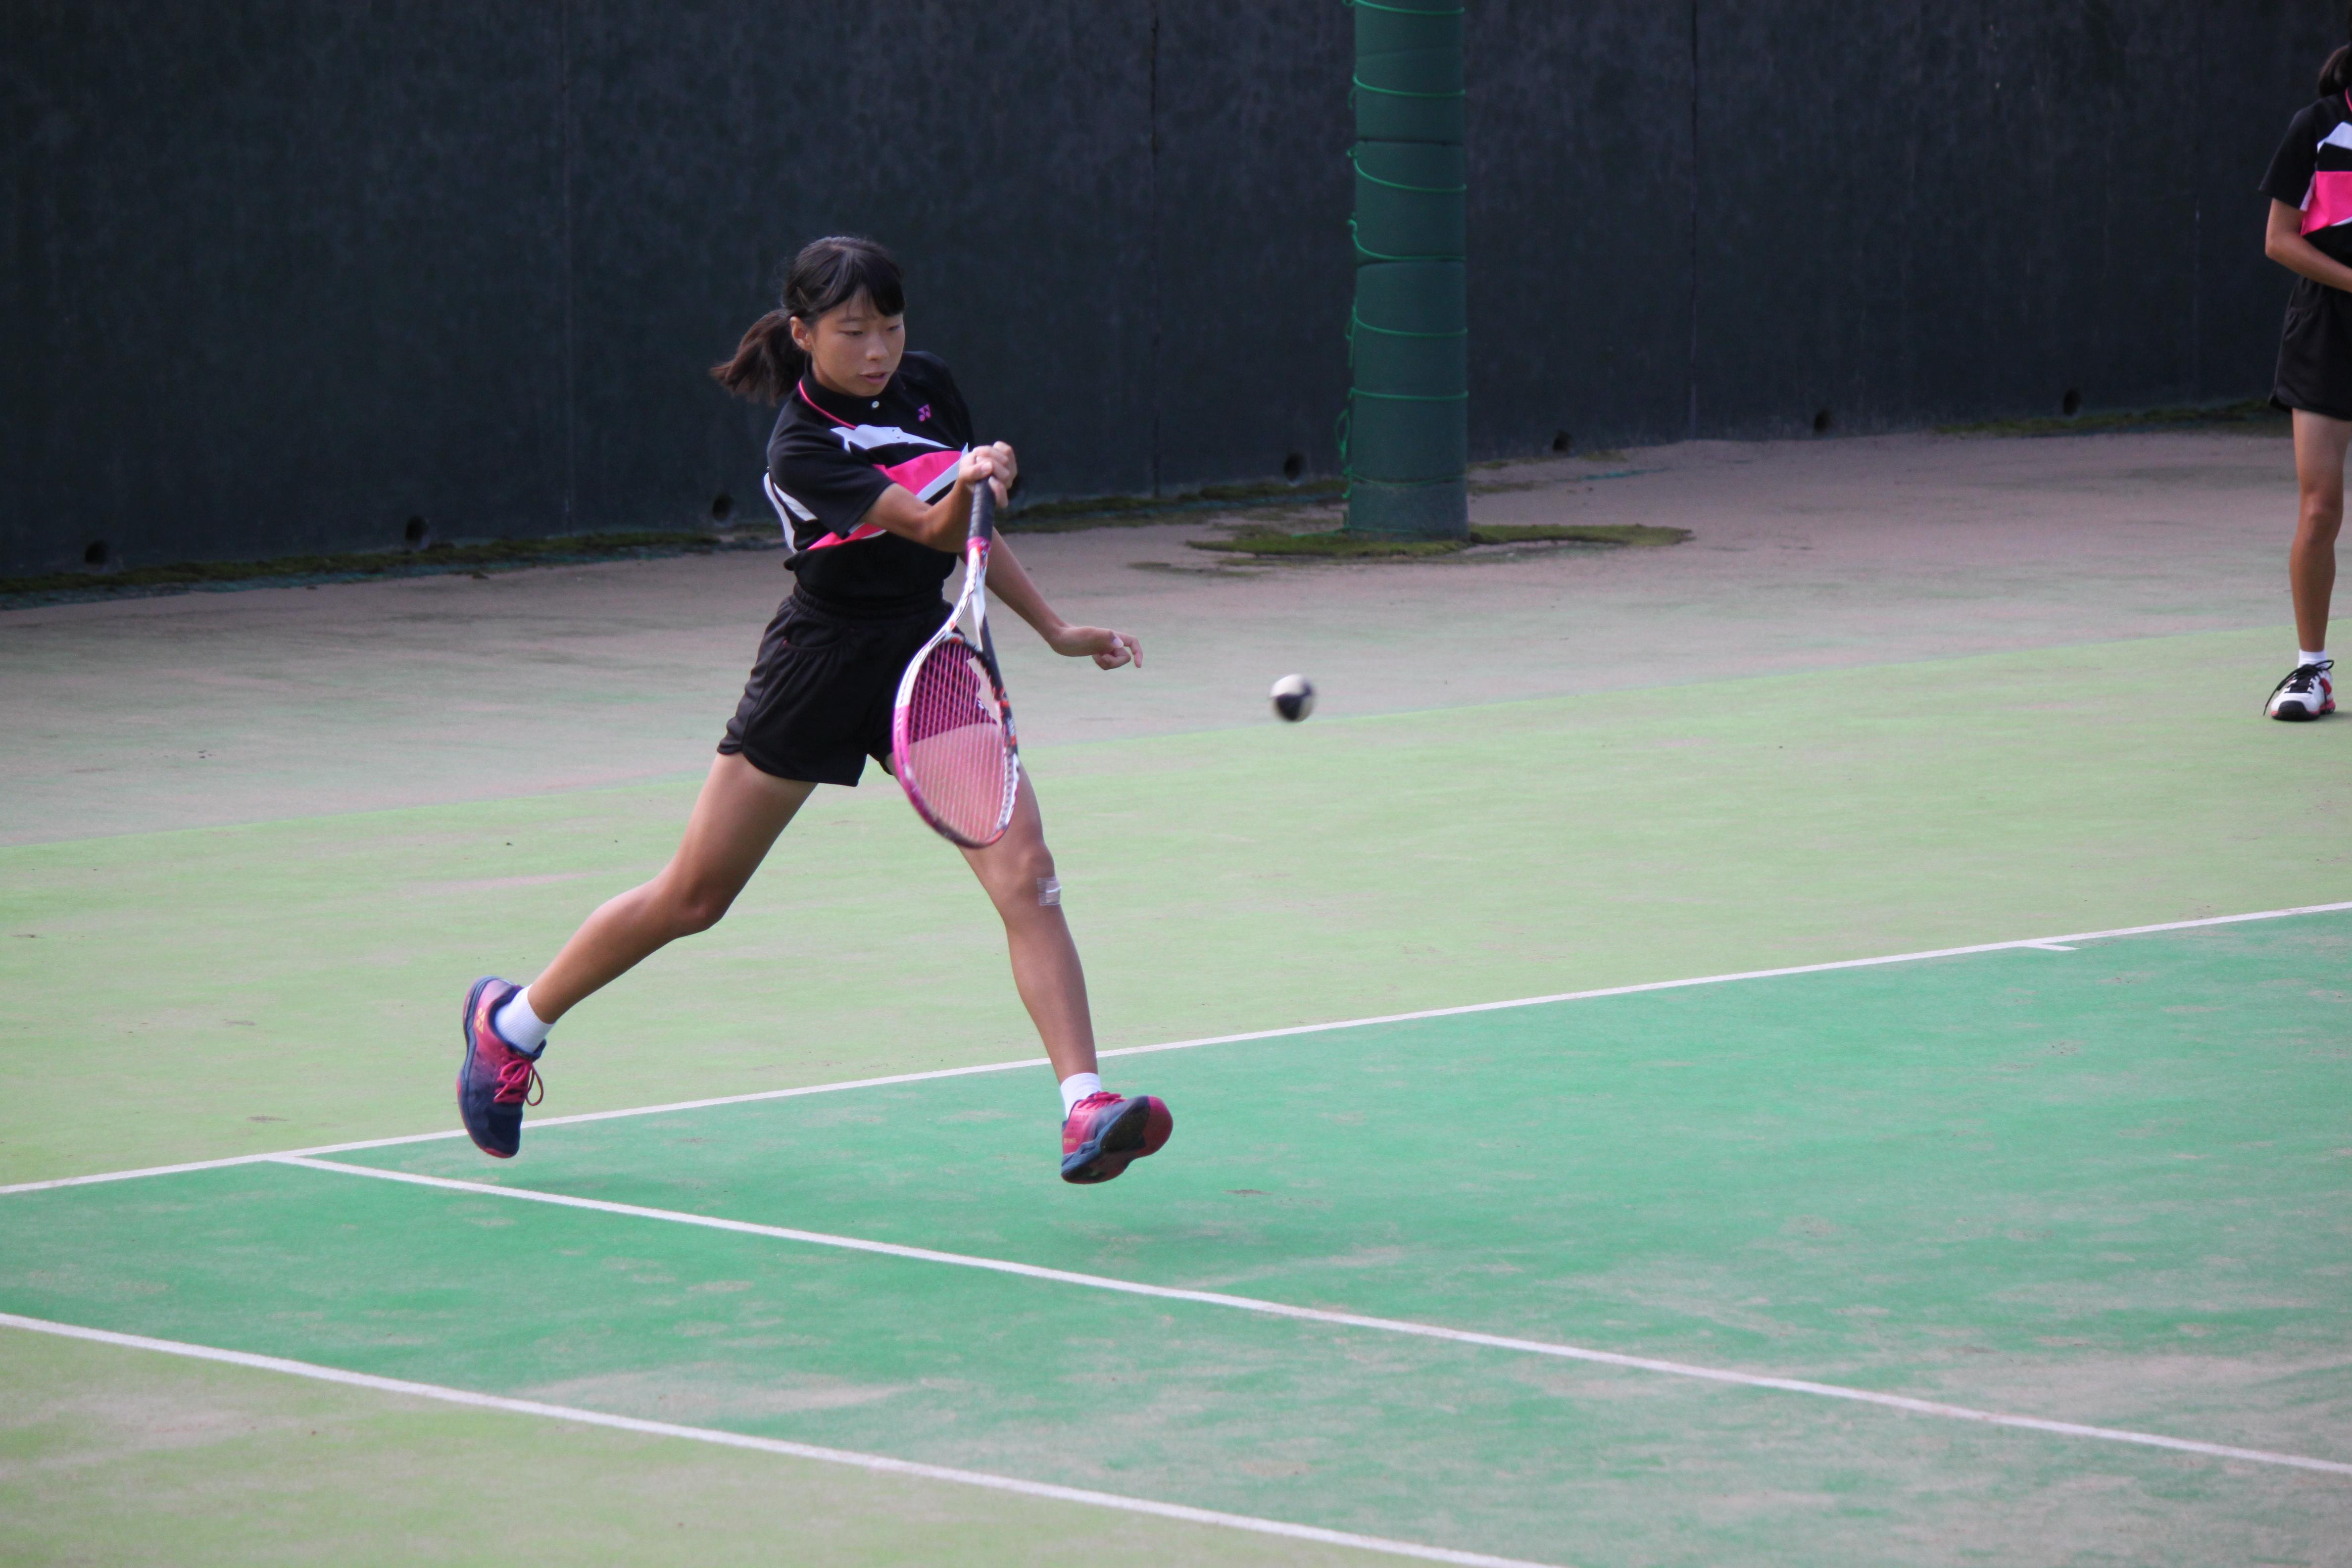 ソフトテニス (354)